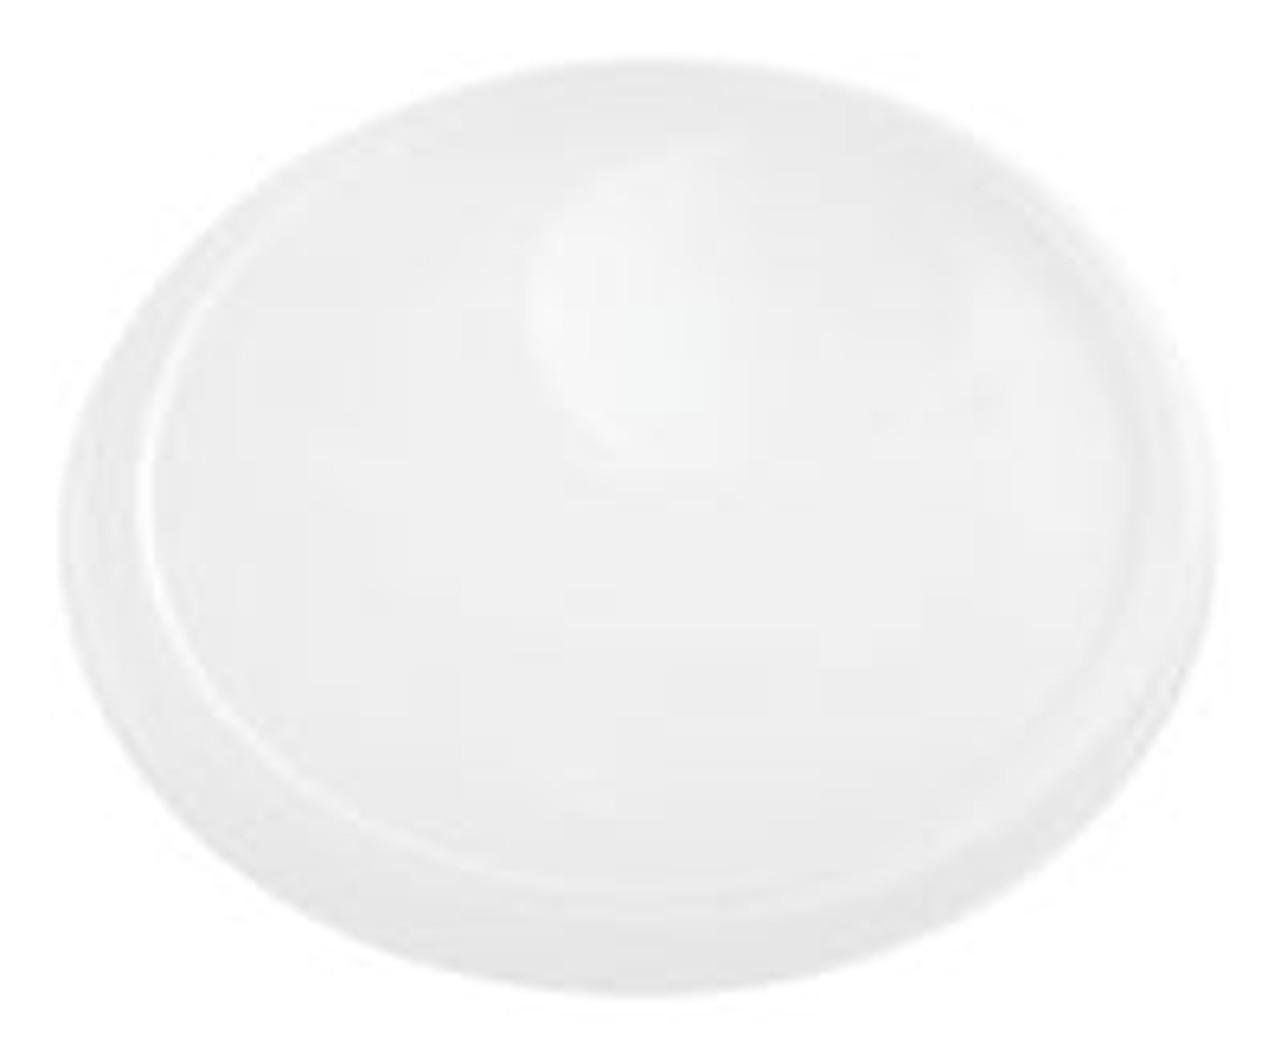 Rubbermaid Round Container Lid - Medium White